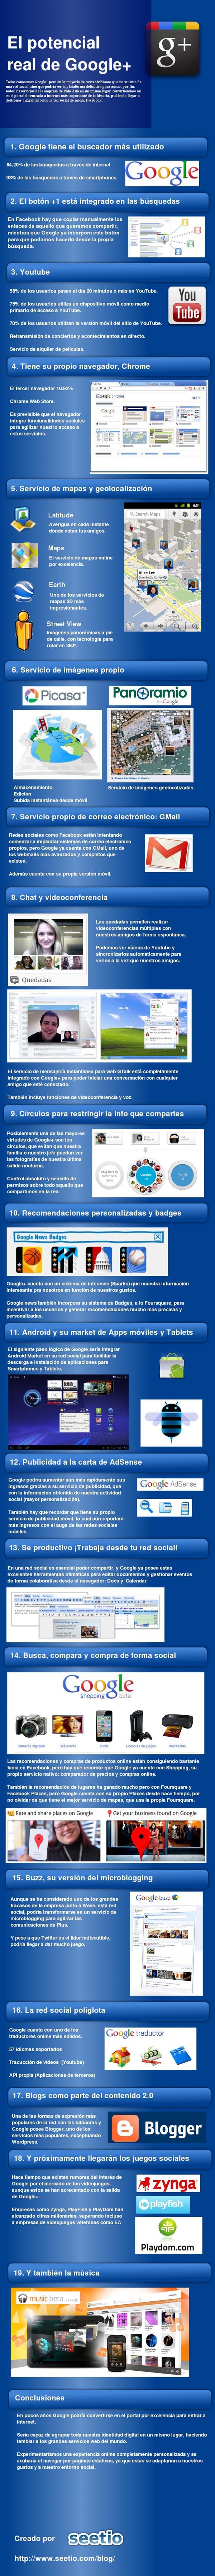 infografia google+